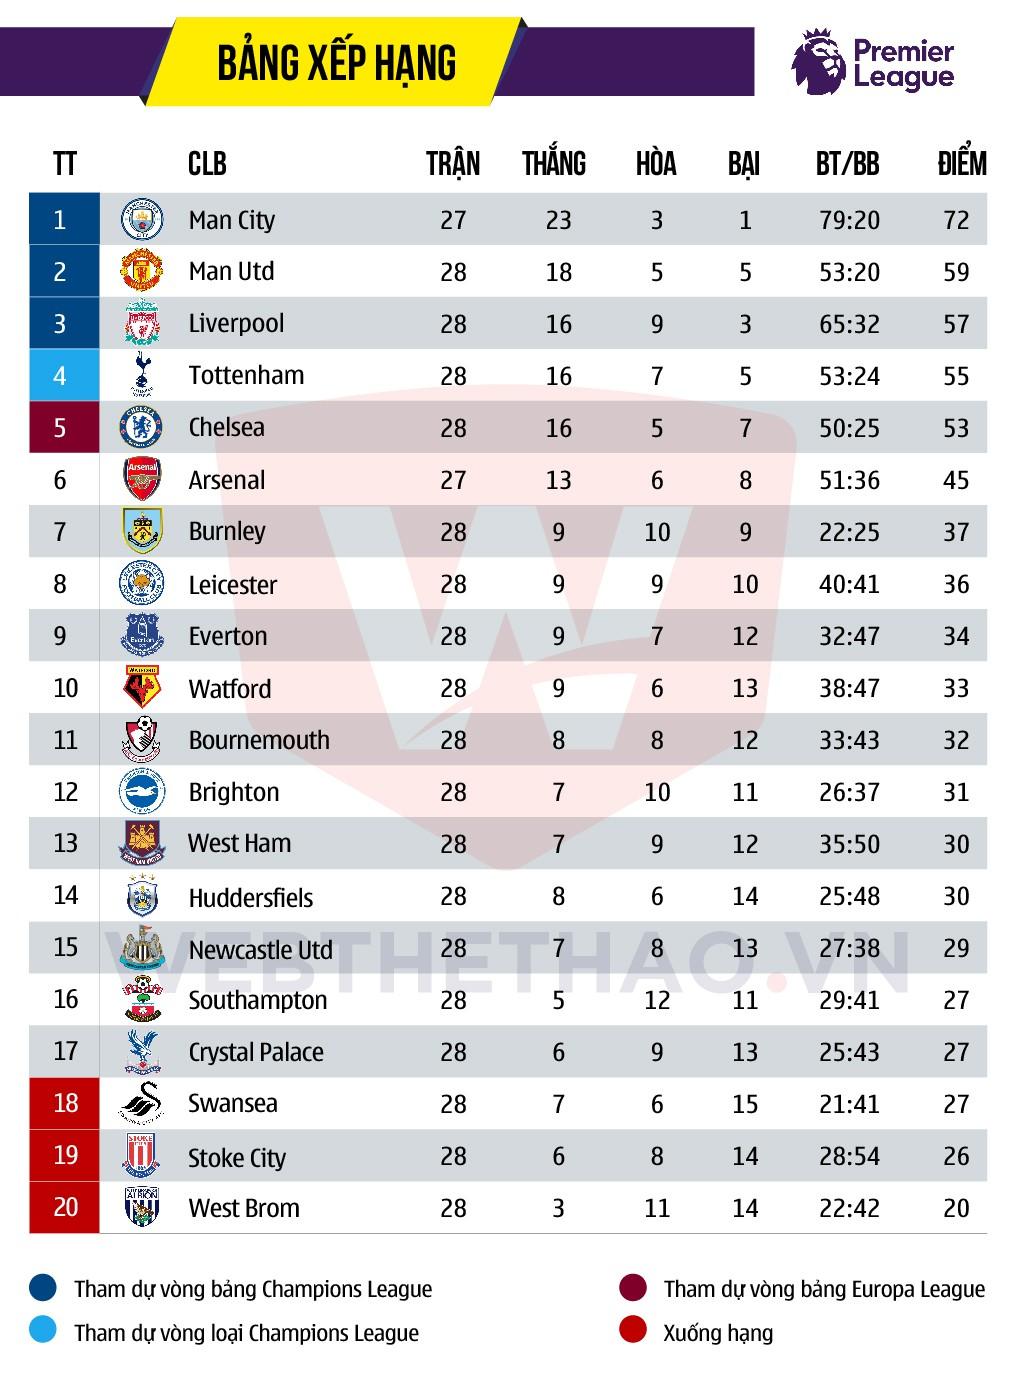 Hình ảnh: Arsenal sẽ phải thu hẹp khoảng cách mênh mông nếu muốn chen vào Top 4